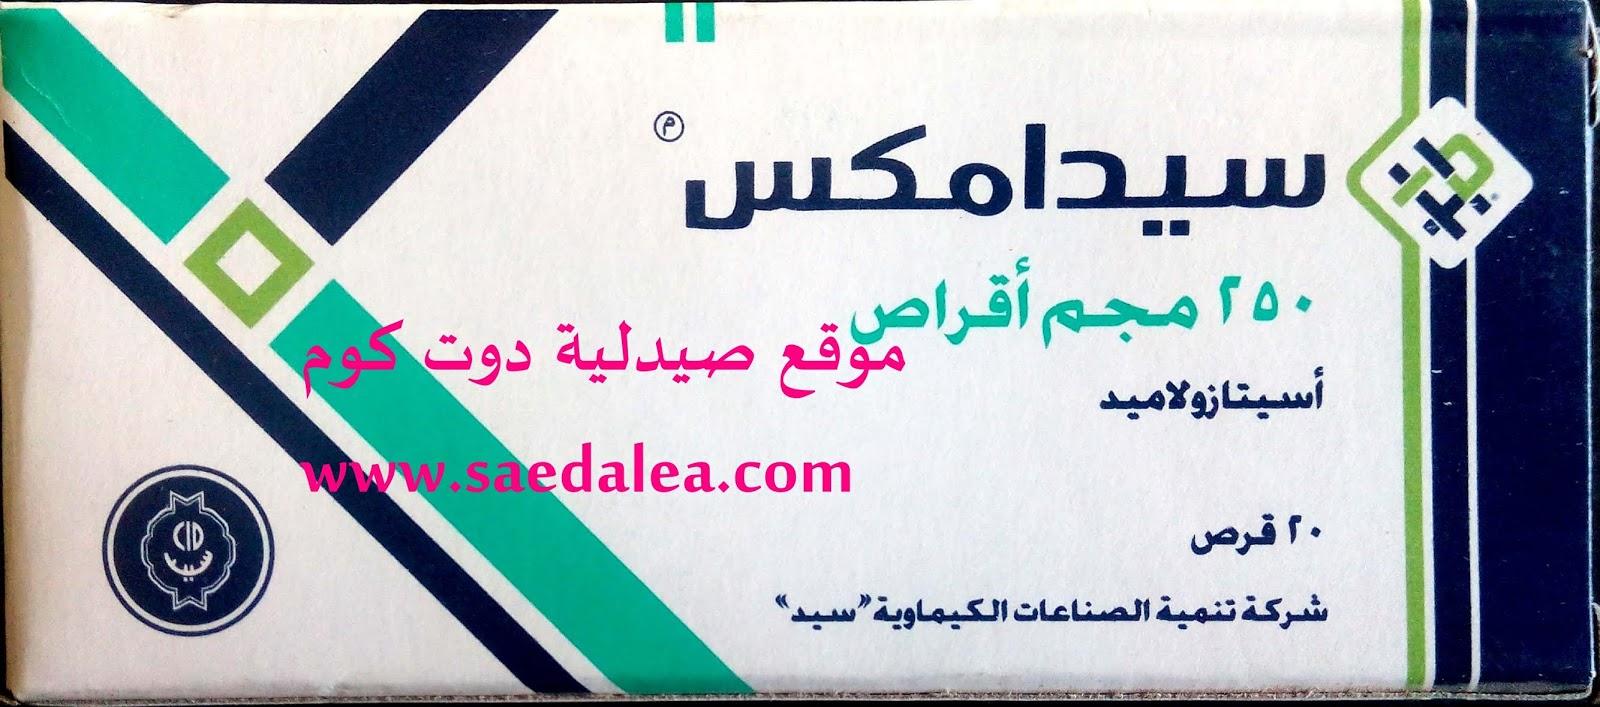 سيدامكس cidamex لعلاج الجلوكوما ضغط العين المرتفع،